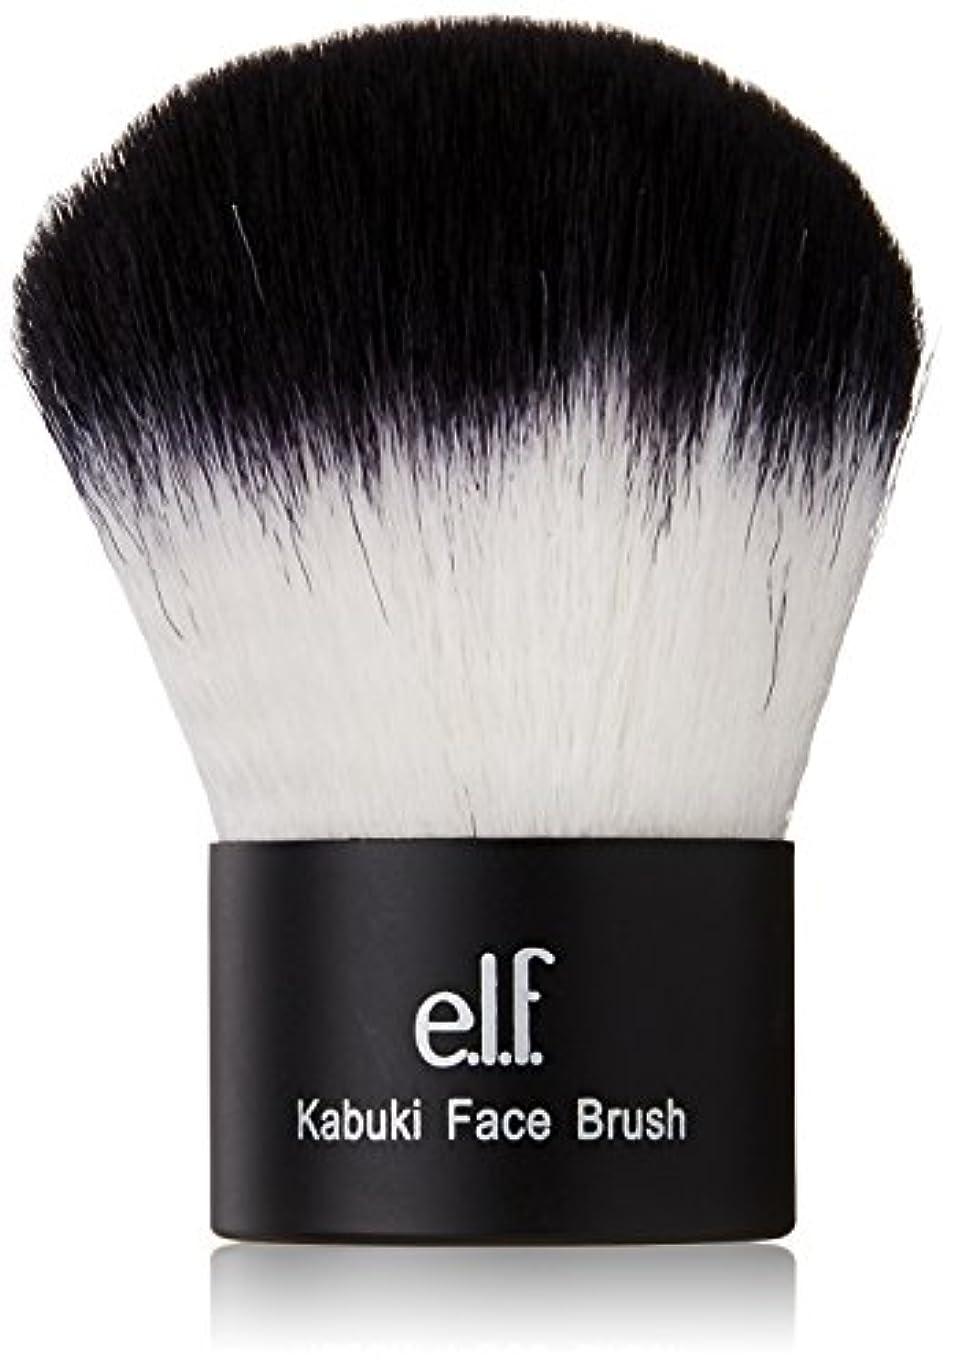 ベックスフォージバターelf コスメe.l.f. Studio Kabuki Face Brush-Kabuki Face Brush【海外直送品】